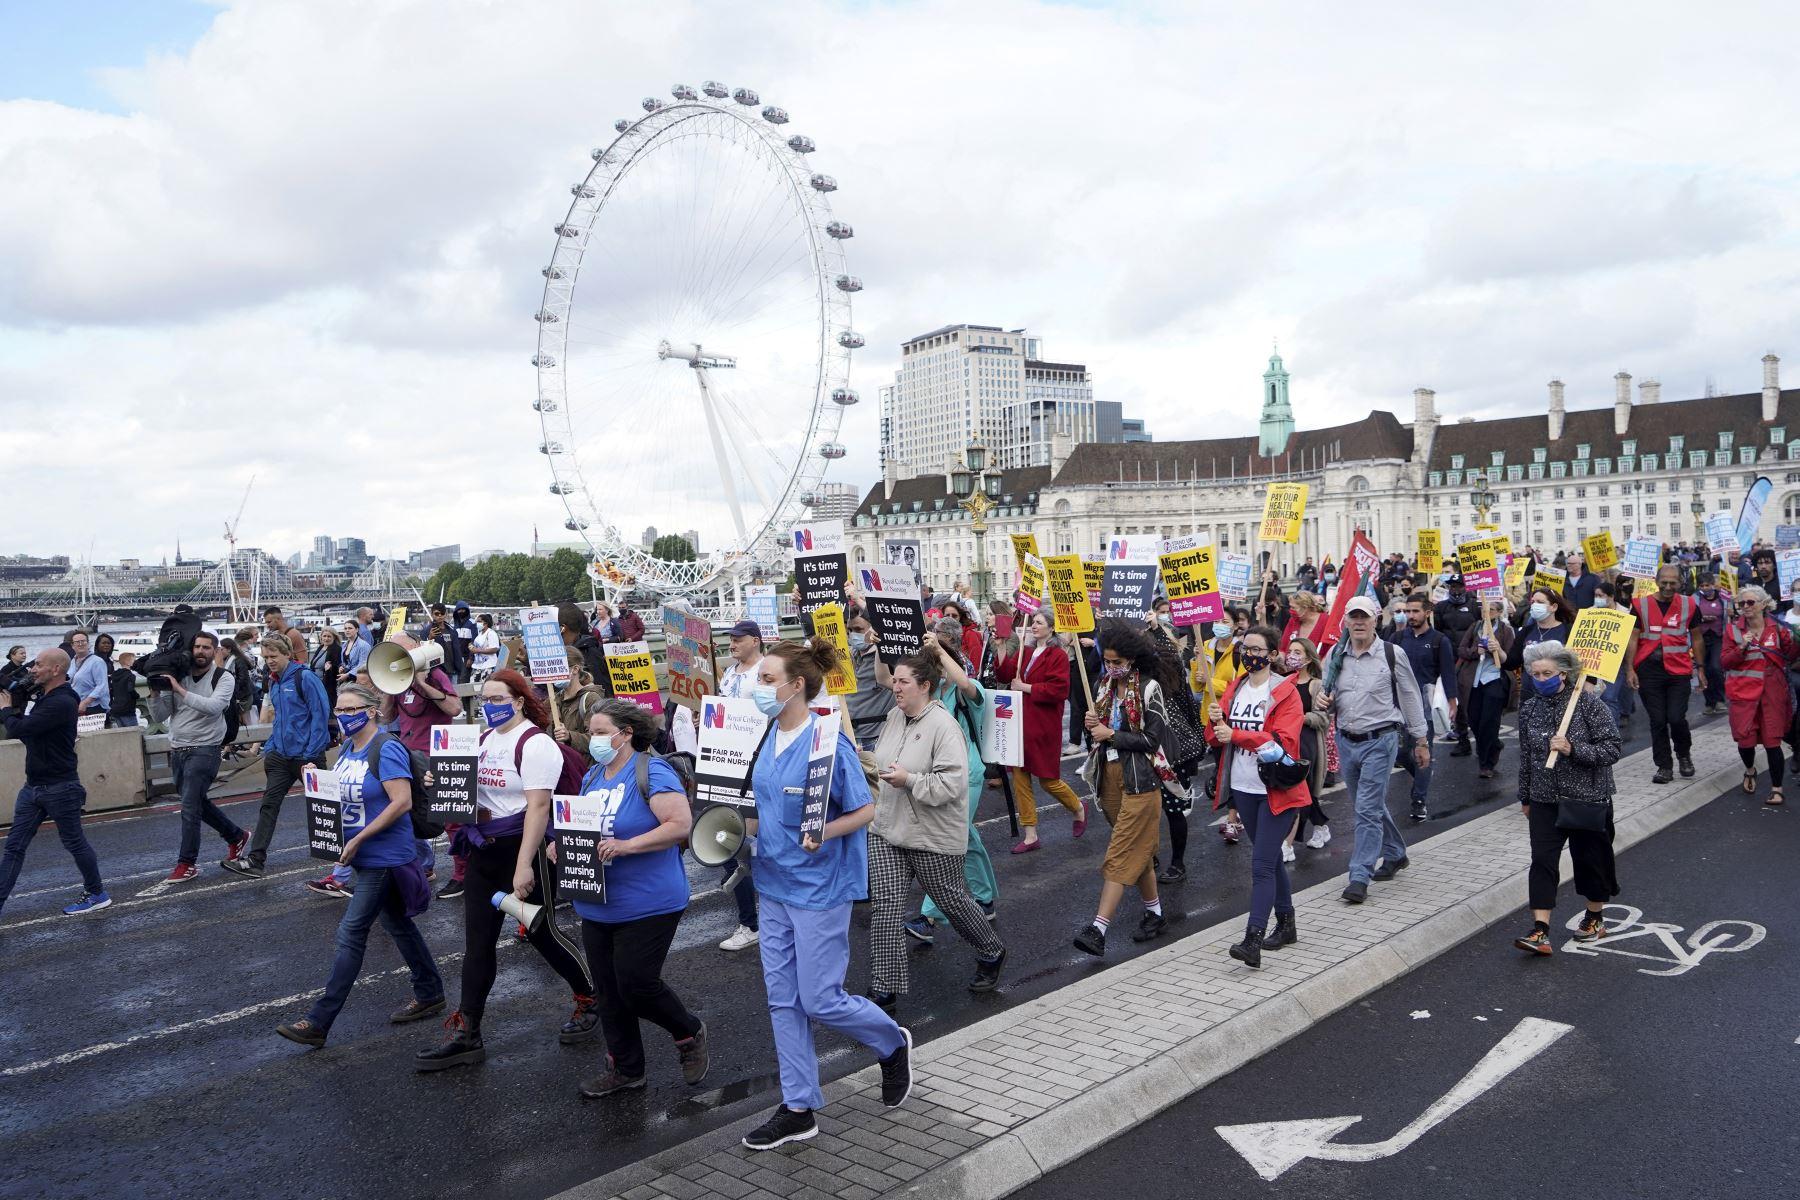 Trabajadores de salud protestan por aumento de salario en el centro de Londres, Inglaterra. Foto: AFP